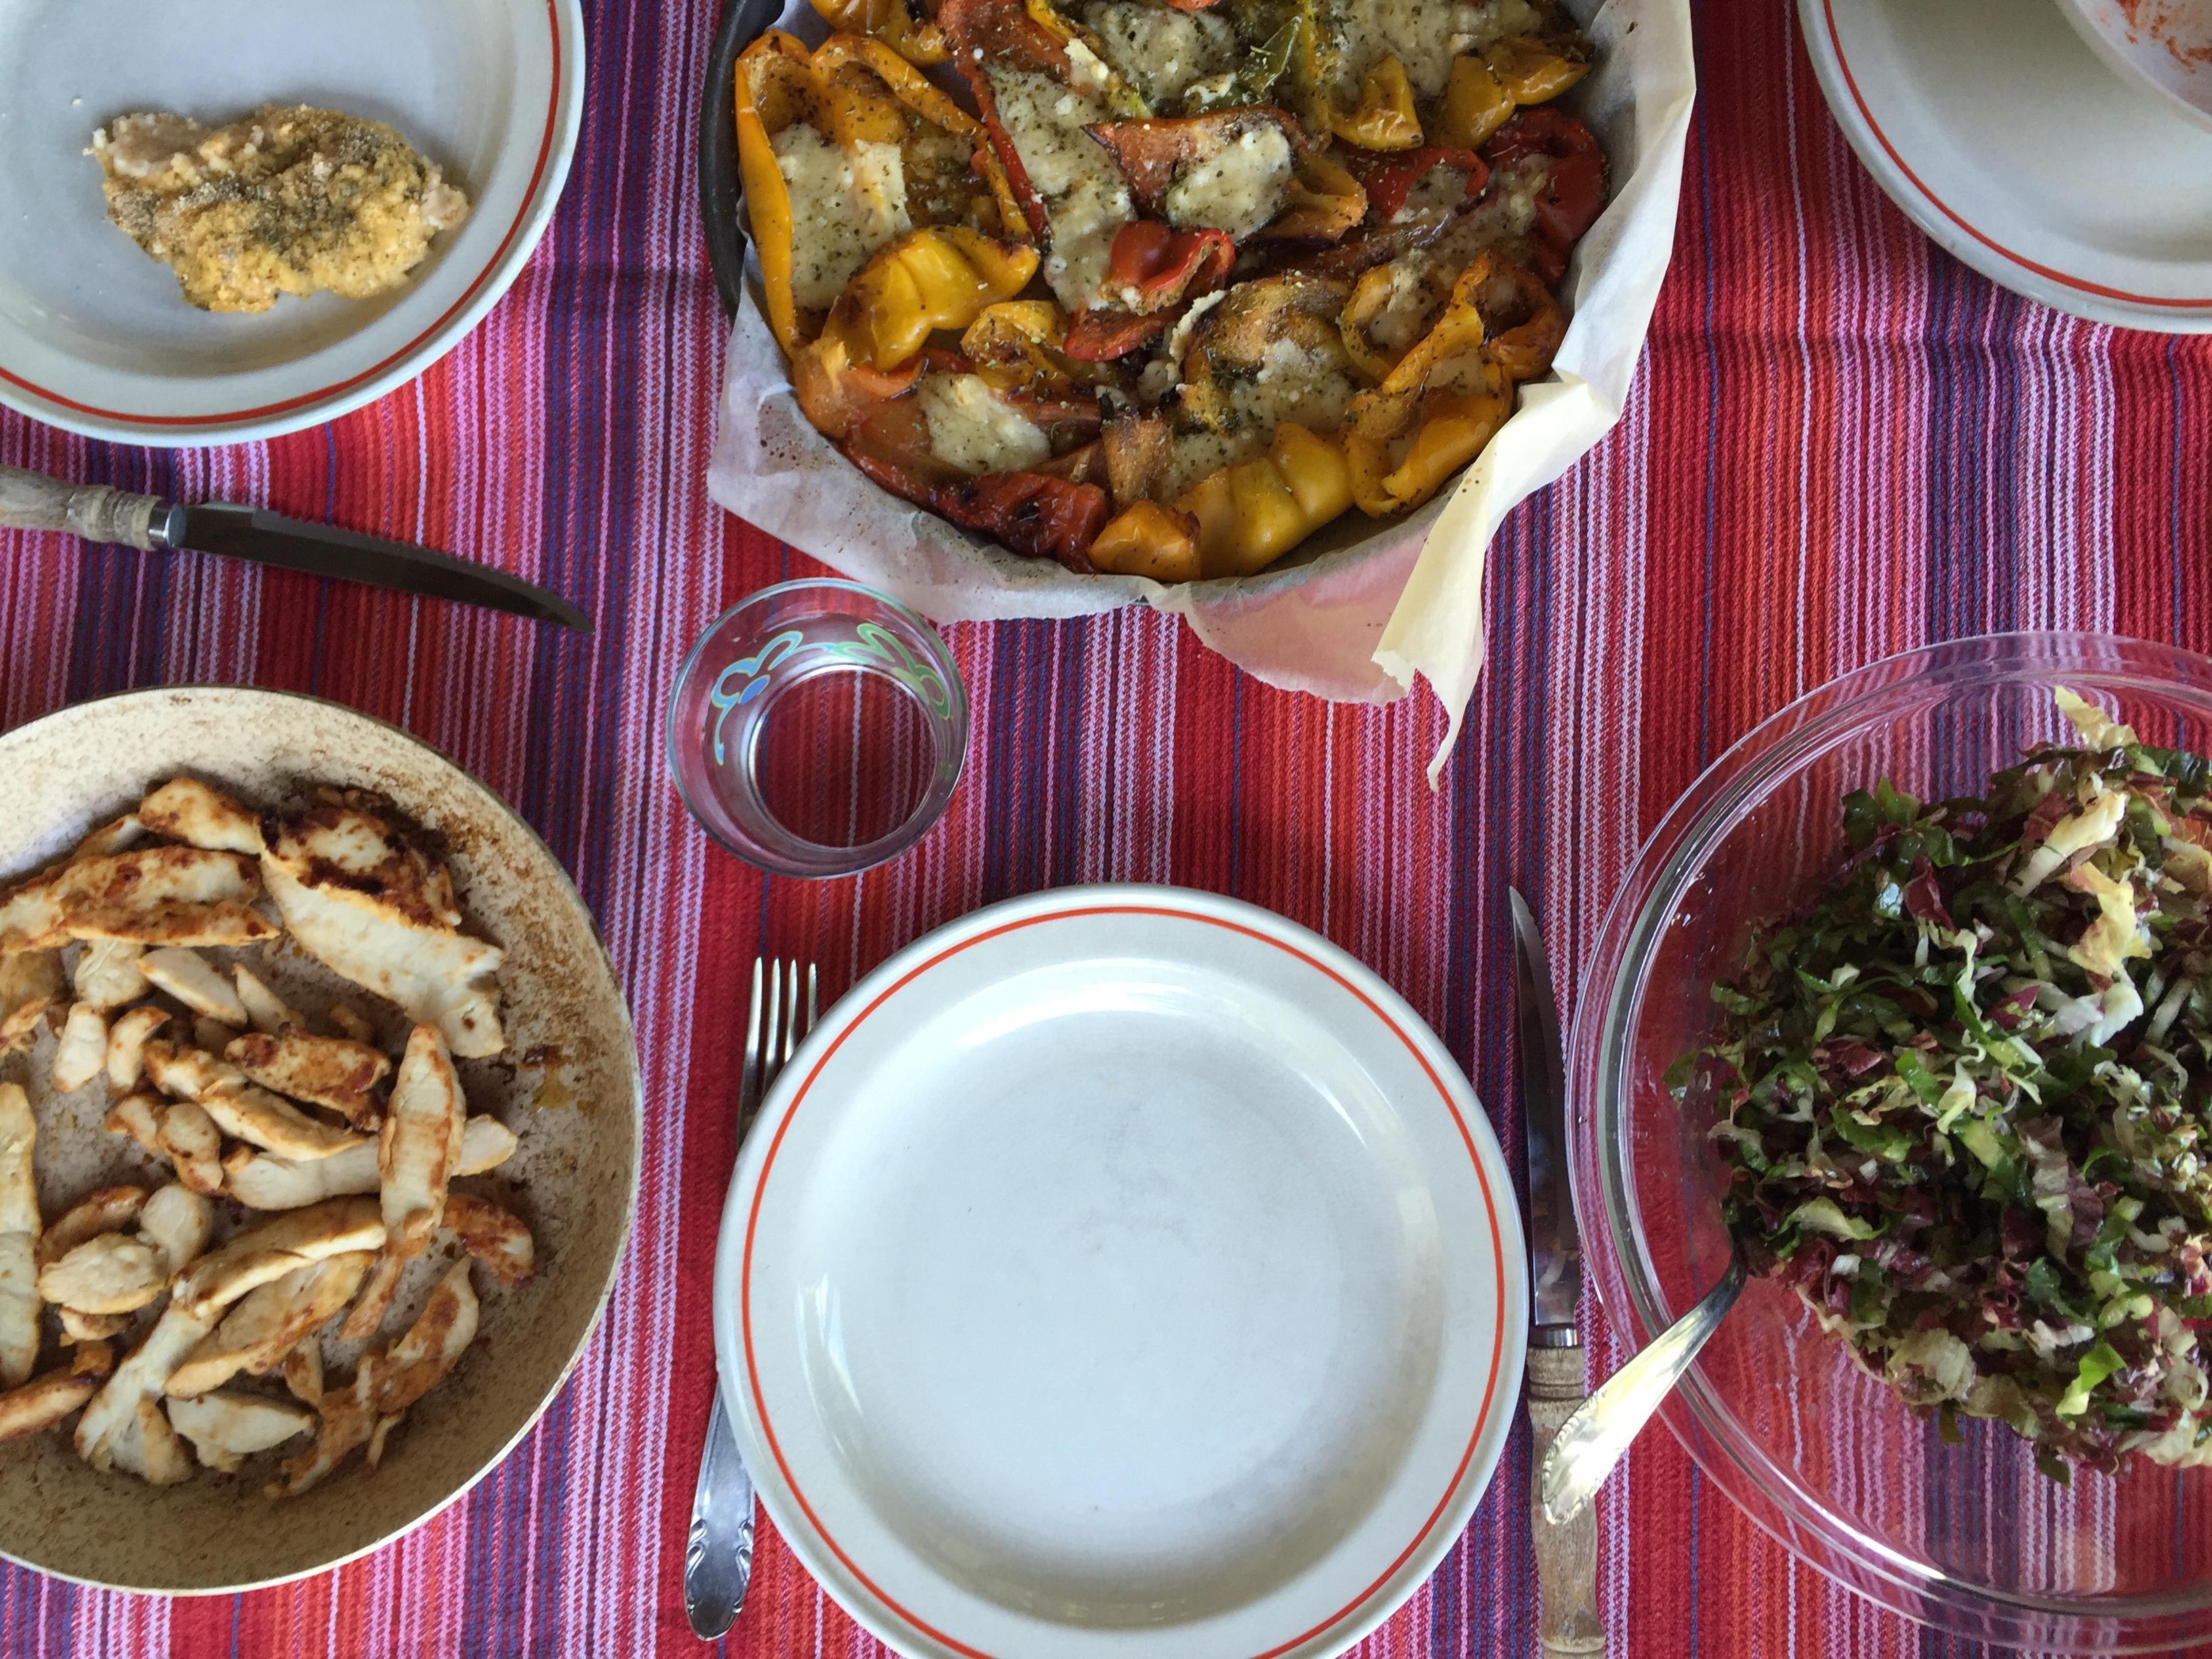 Pranzo estivo: peperoni al forno, insalata e pollo saltato in padella